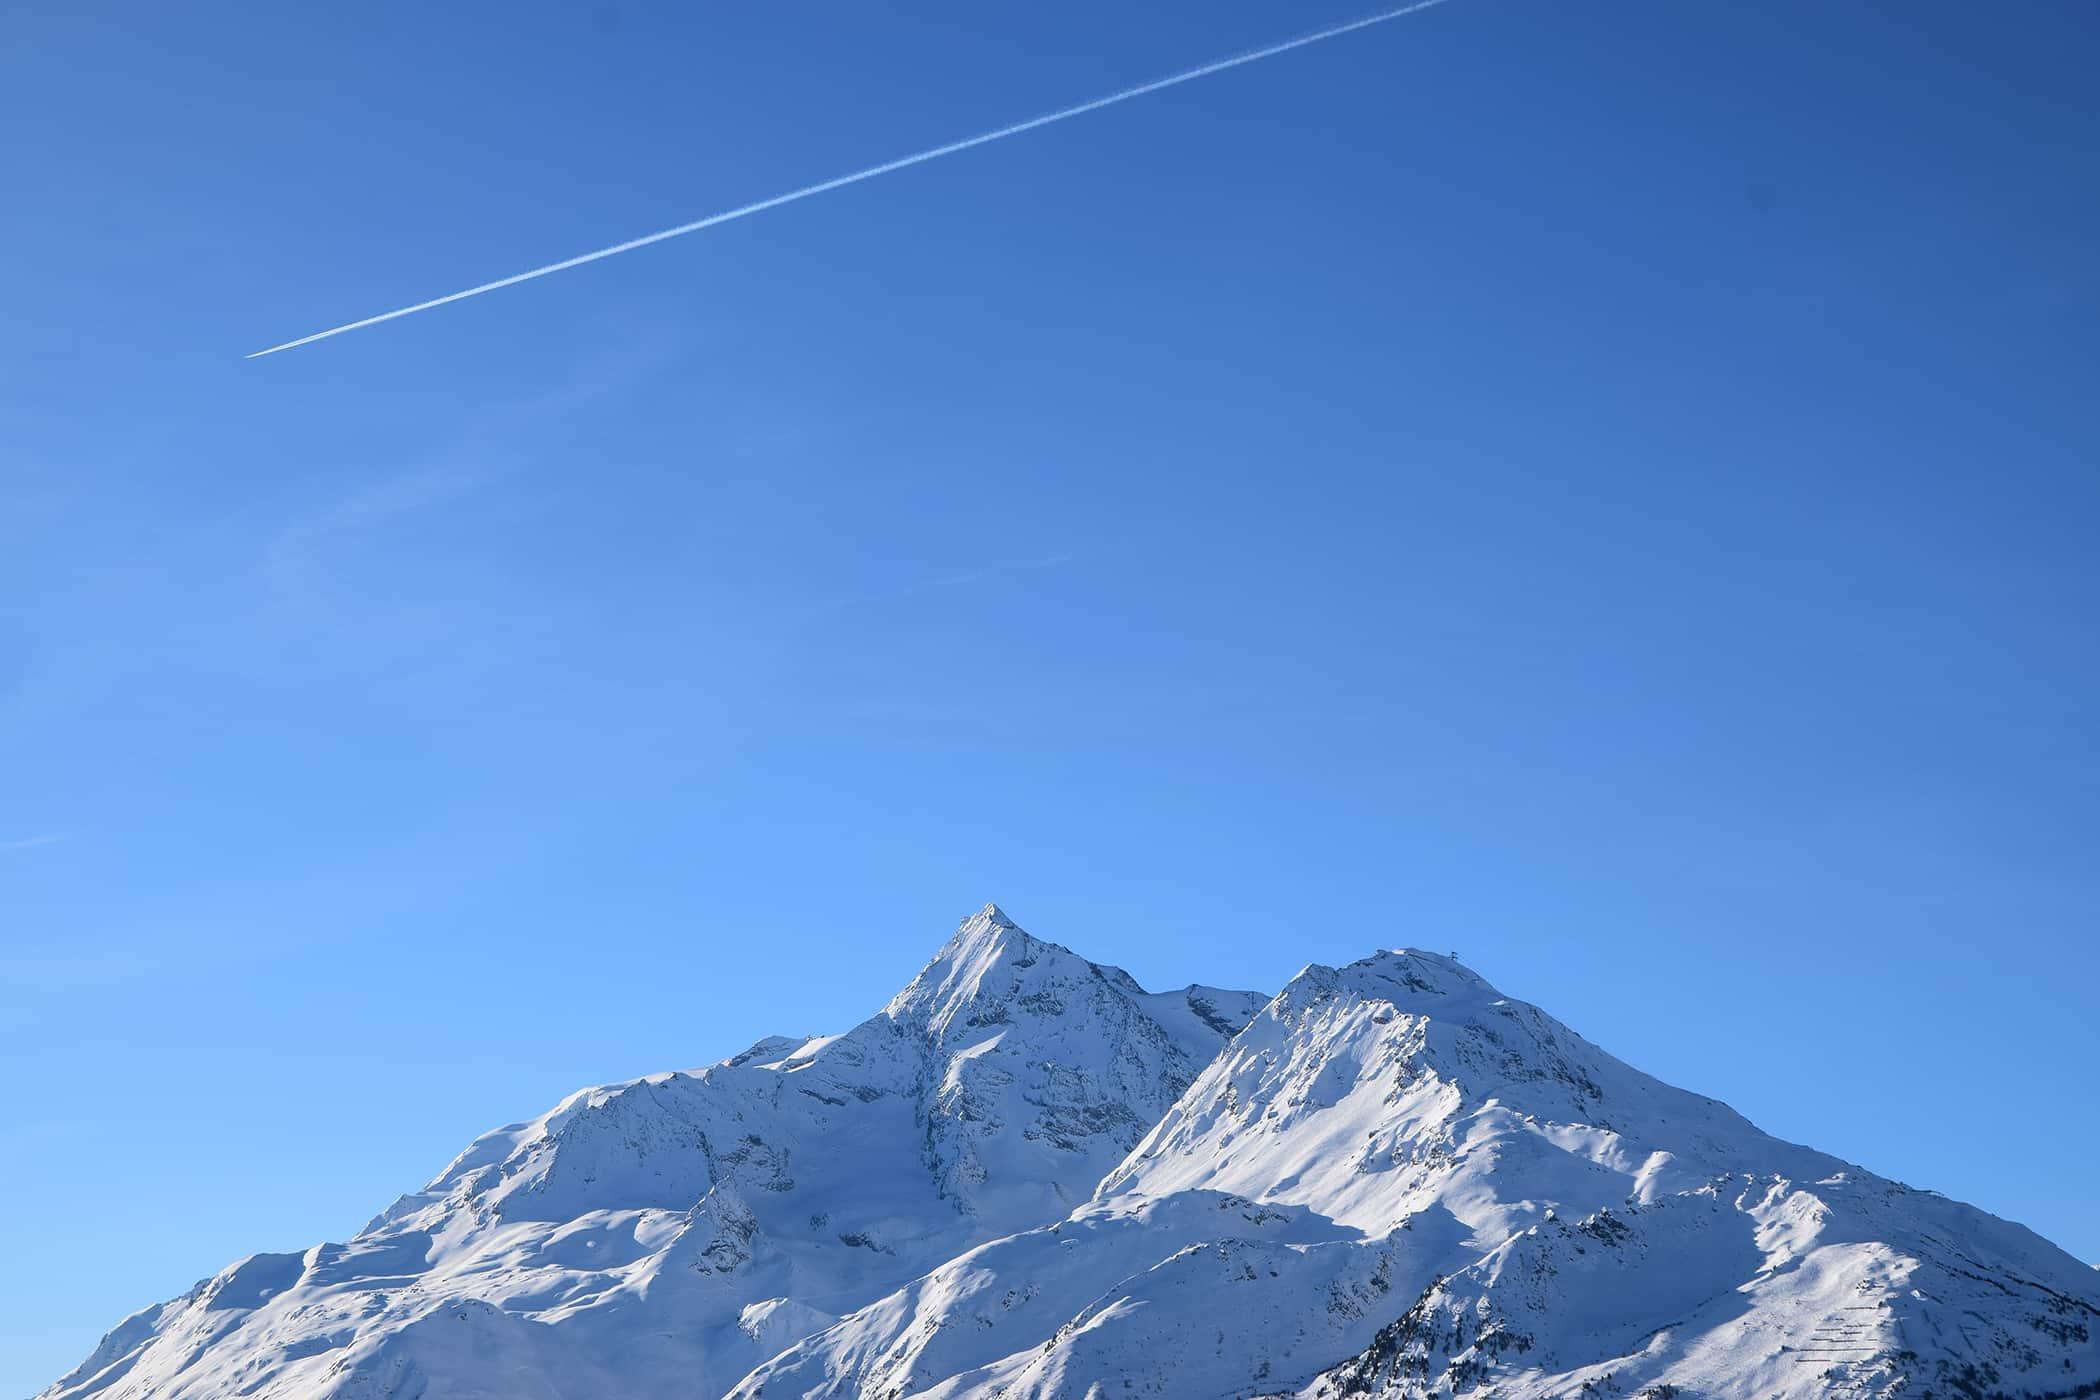 la rosière montagne ciel bleu